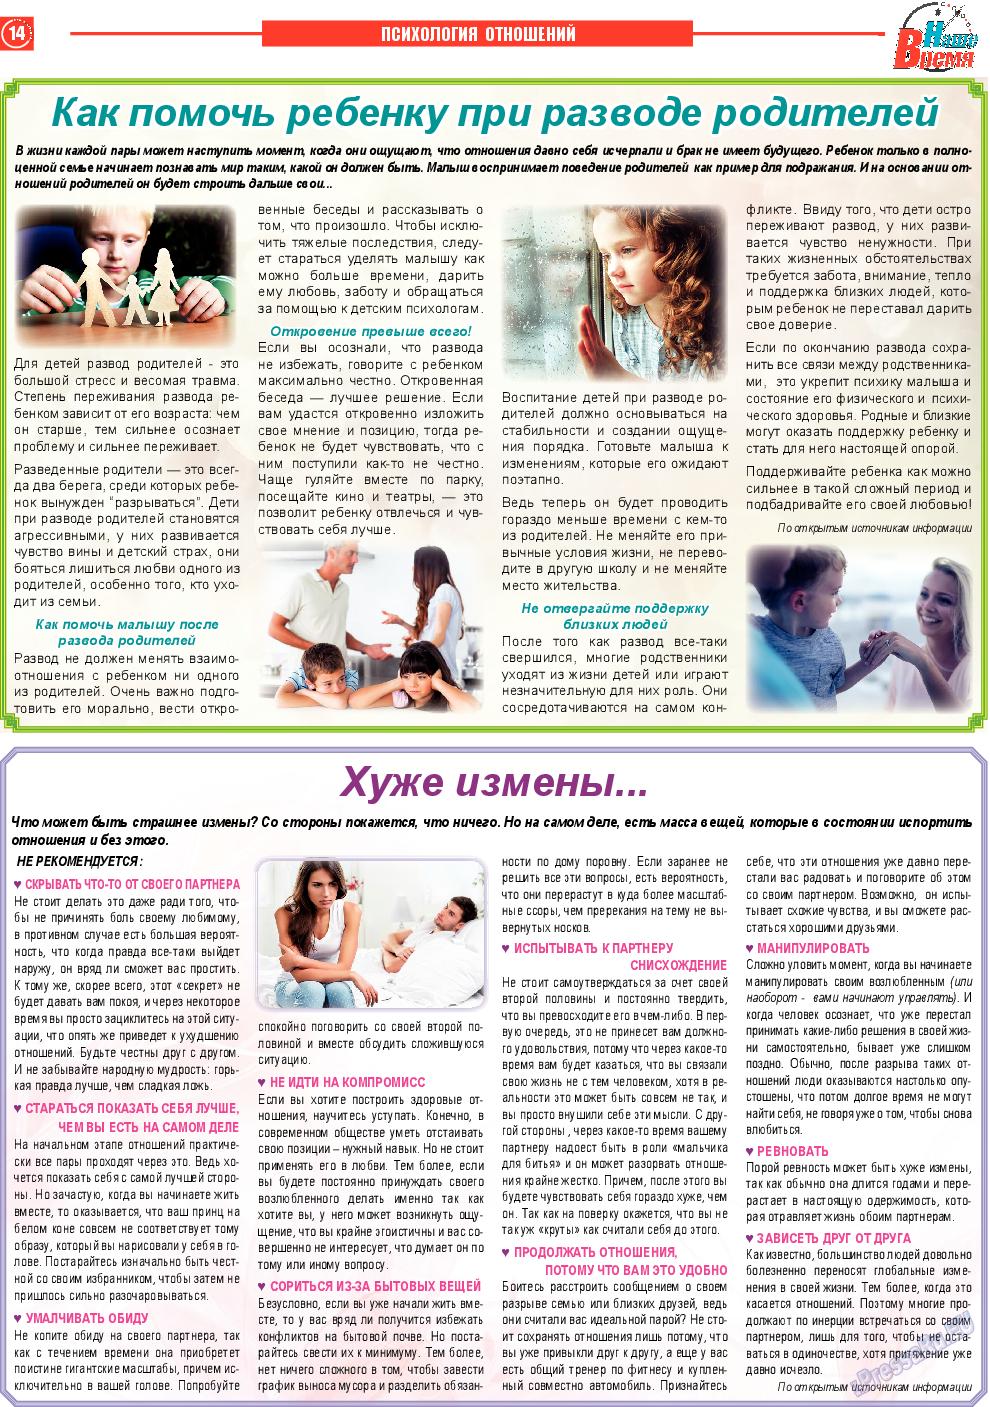 Наше время (газета). 2019 год, номер 9, стр. 14